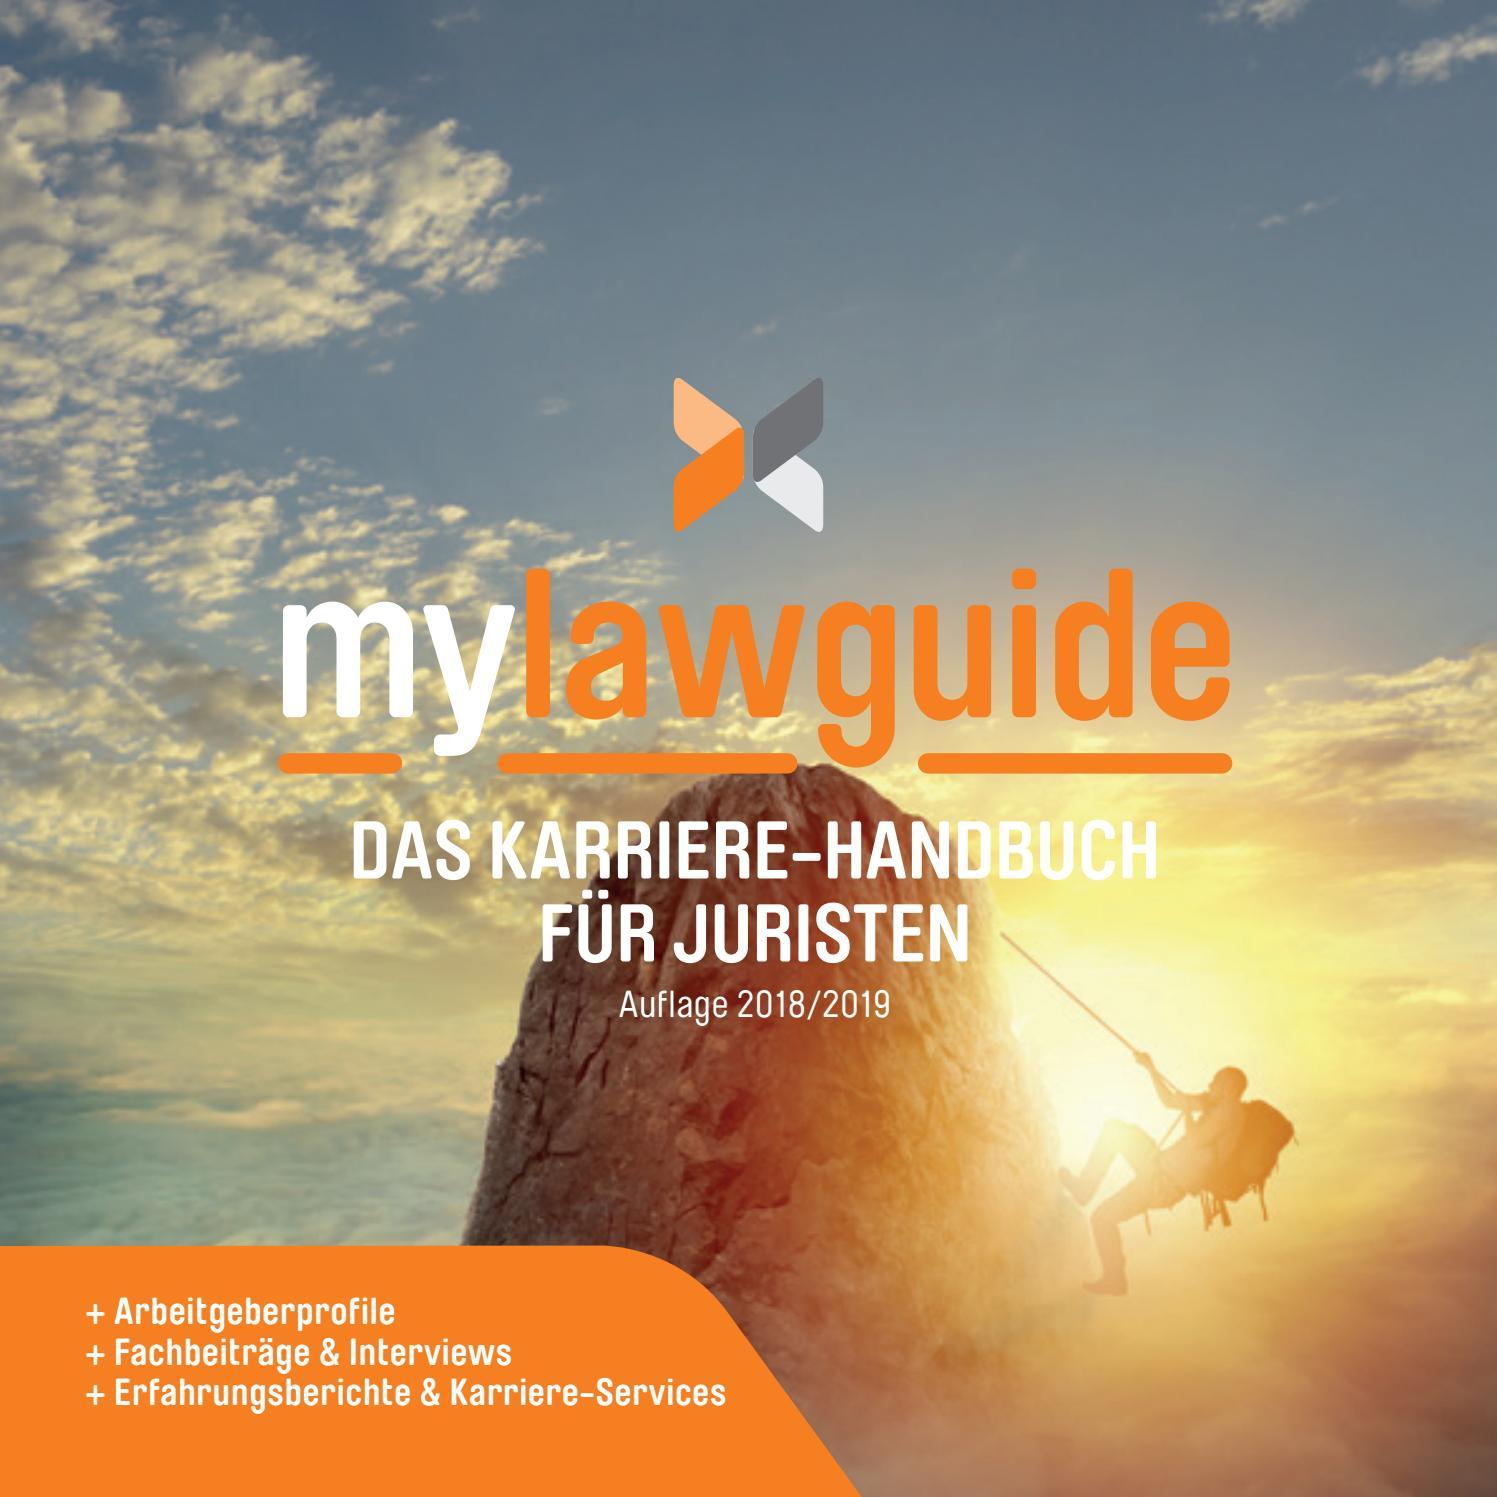 mylawguide - Das Karriere-Handbuch für Juristen by MYJOBFAIR GmbH - issuu